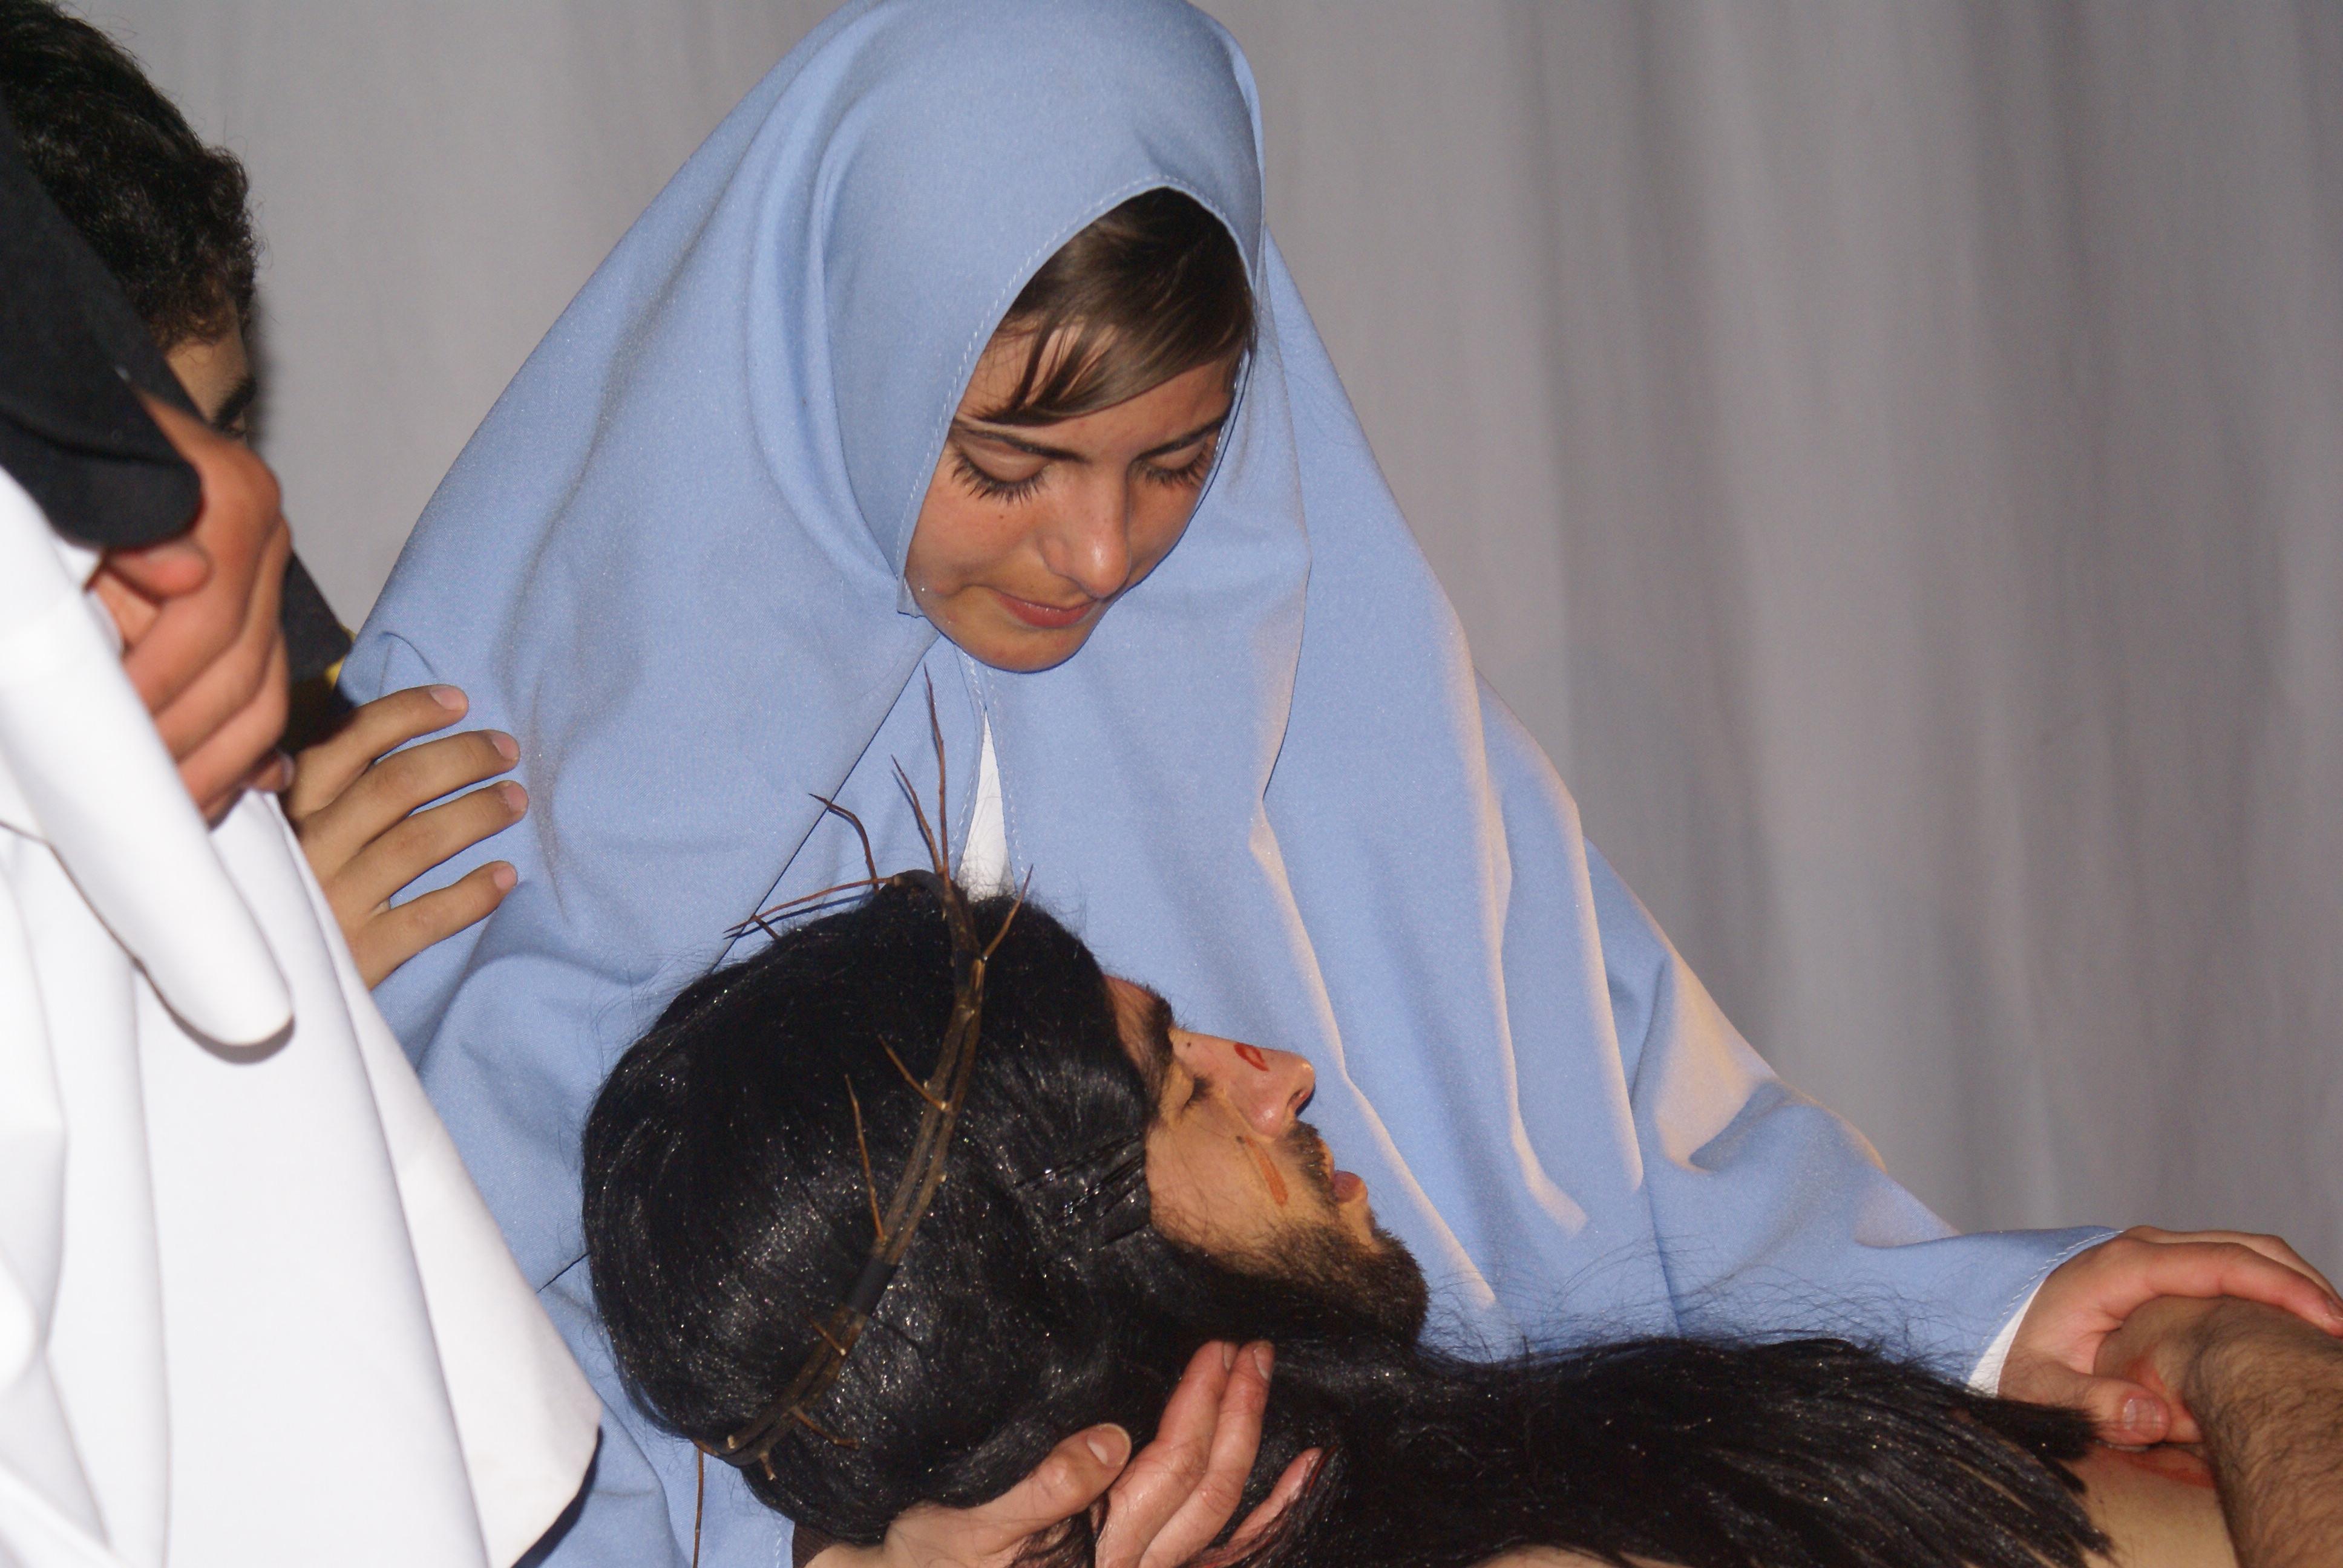 Jesus nos braços de sua mãe